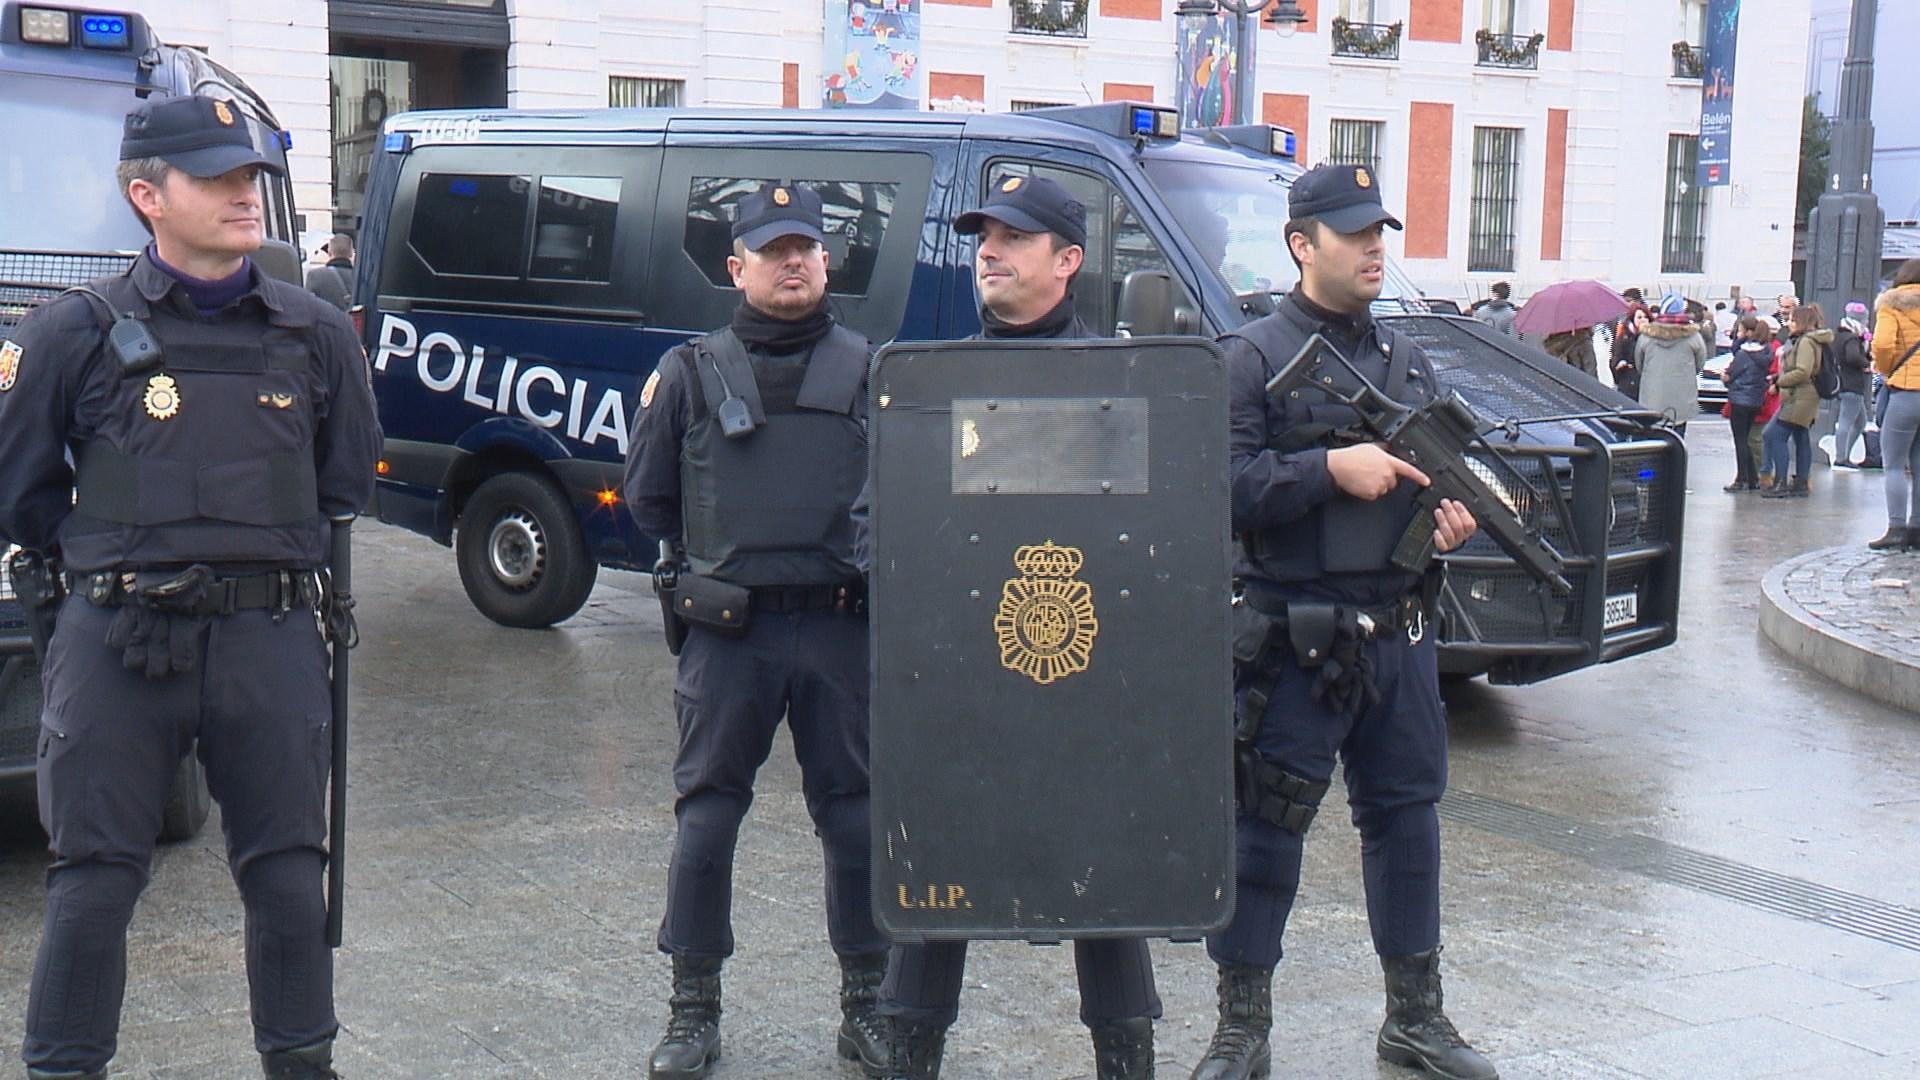 Extremas medidas de seguridad en Madrid para el COP25 | EL FRENTE